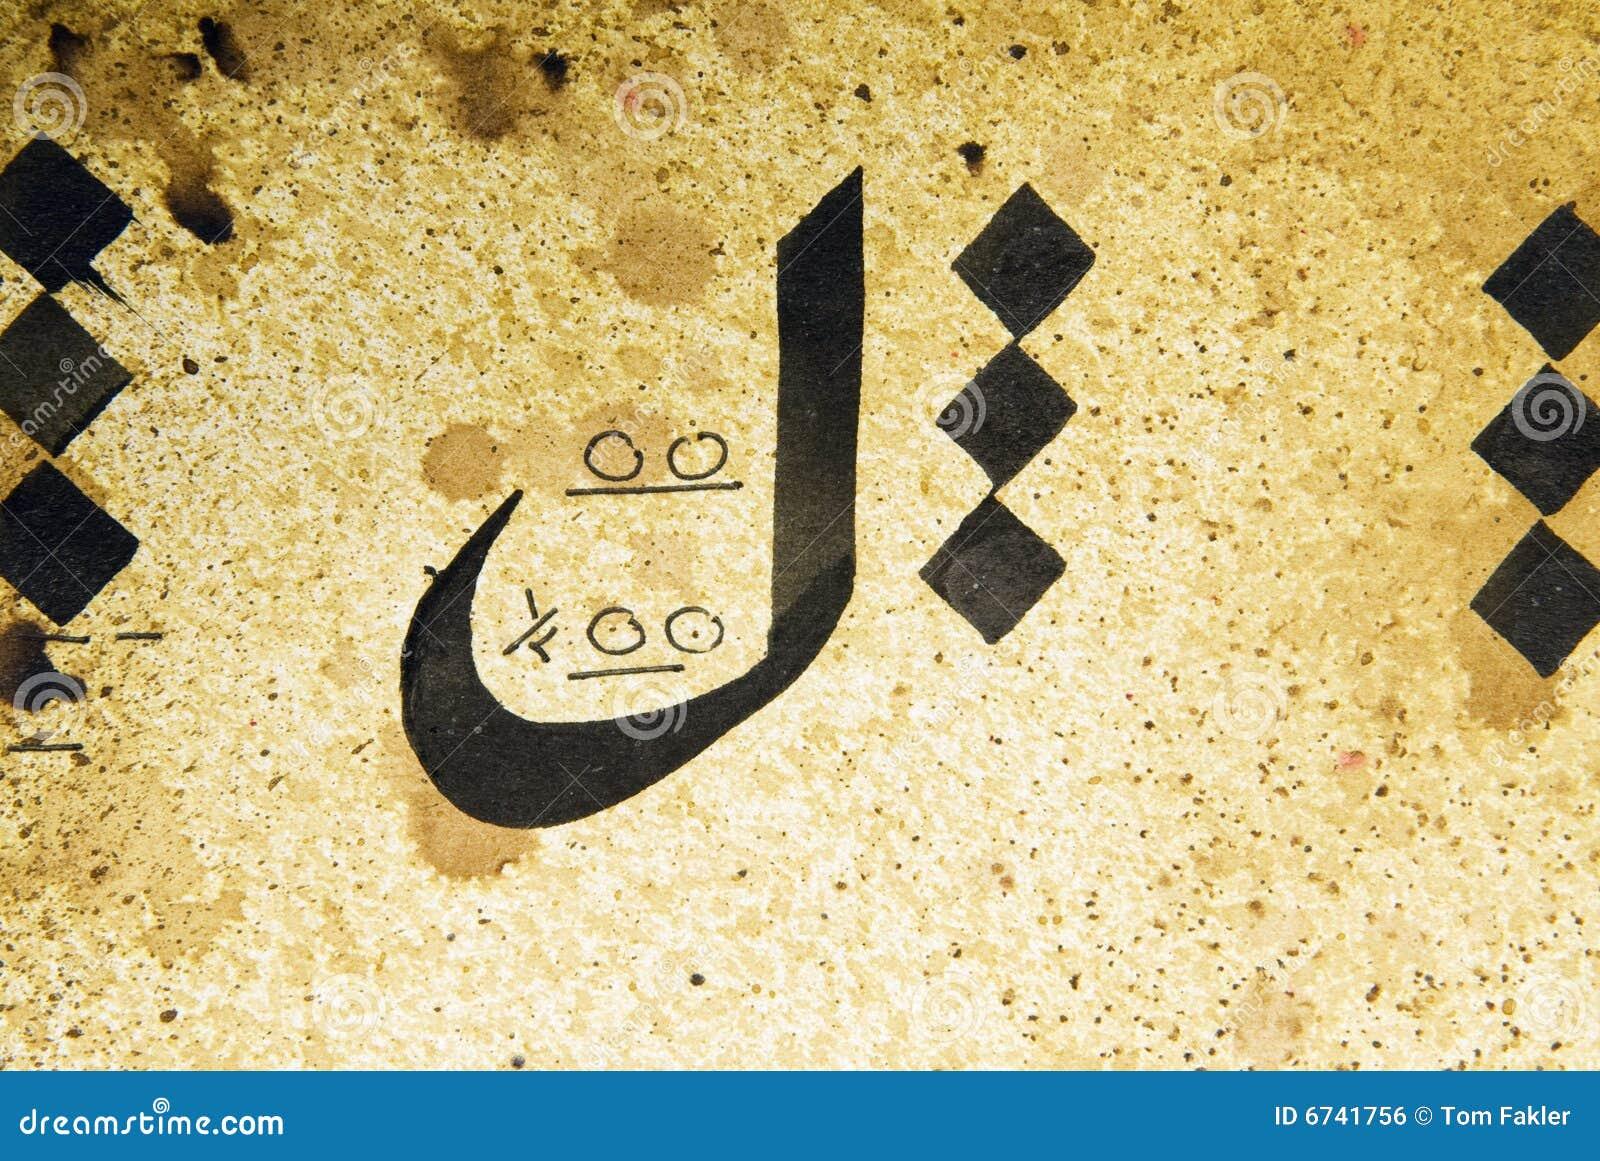 Papel árabe De Los Caracteres De La Caligrafía Foto de archivo ...